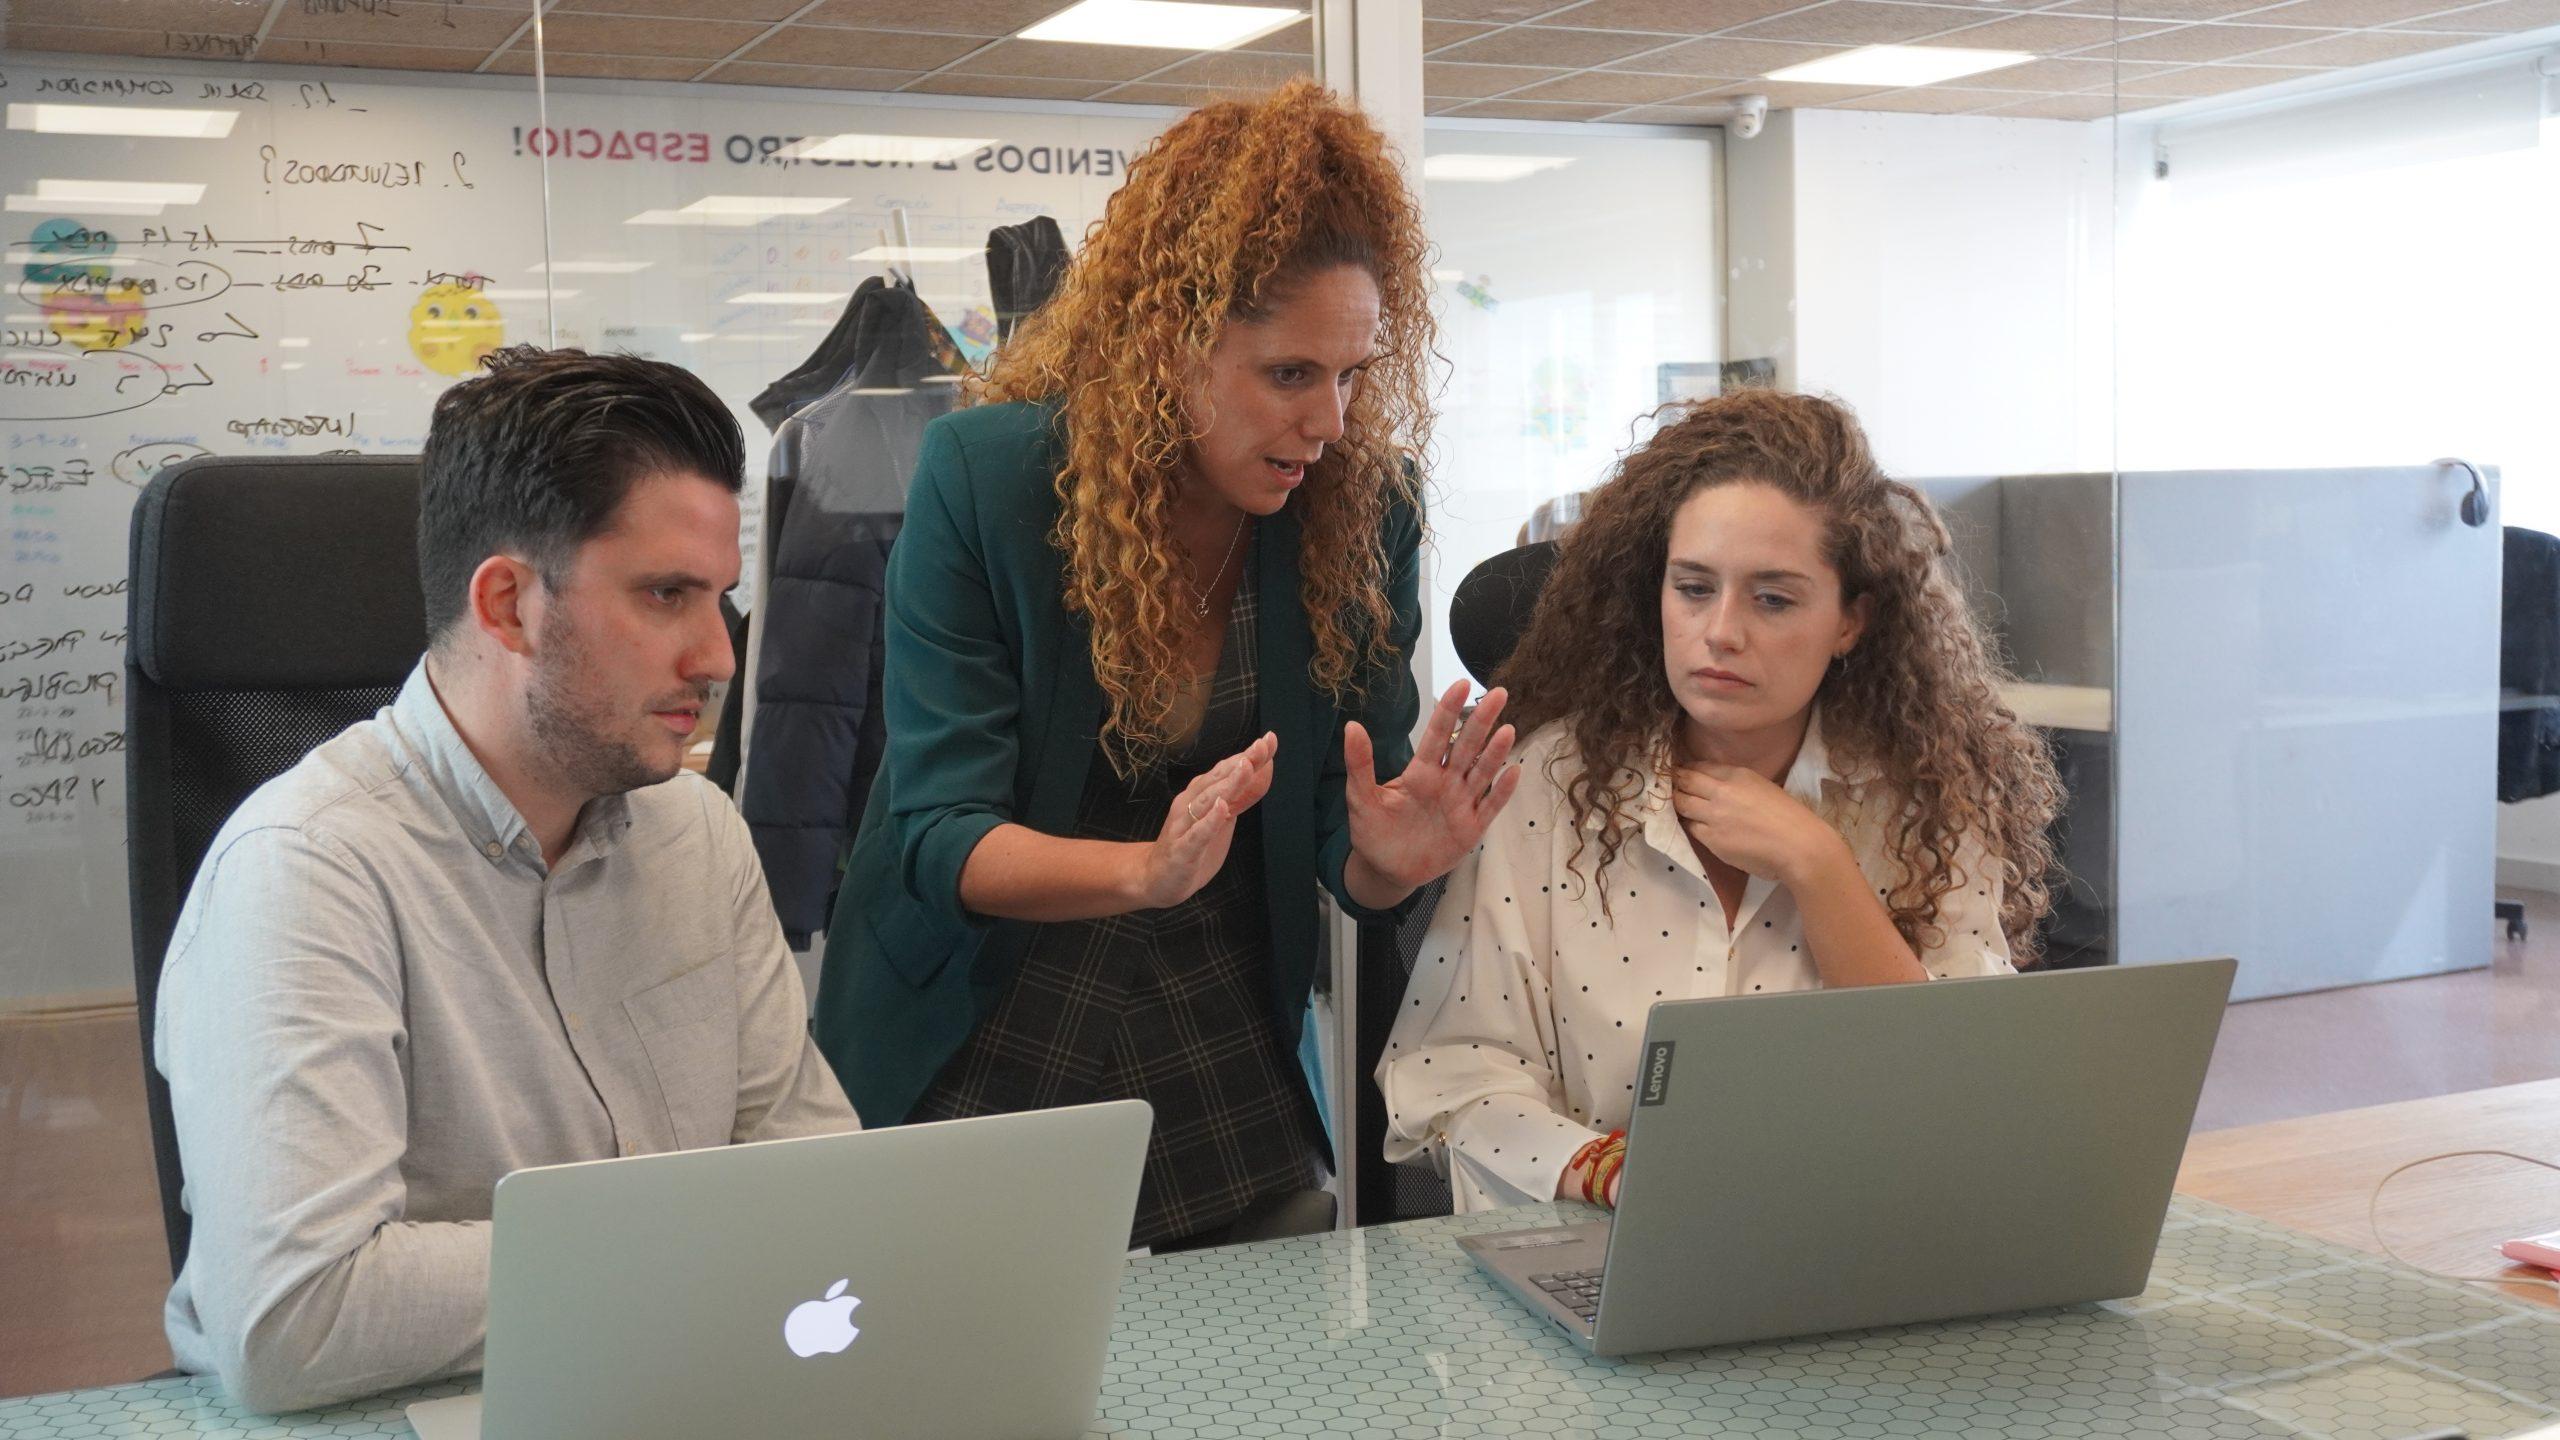 NODRIZA tech busca a los mejores CEOS para lanzar sus próximos proyectos